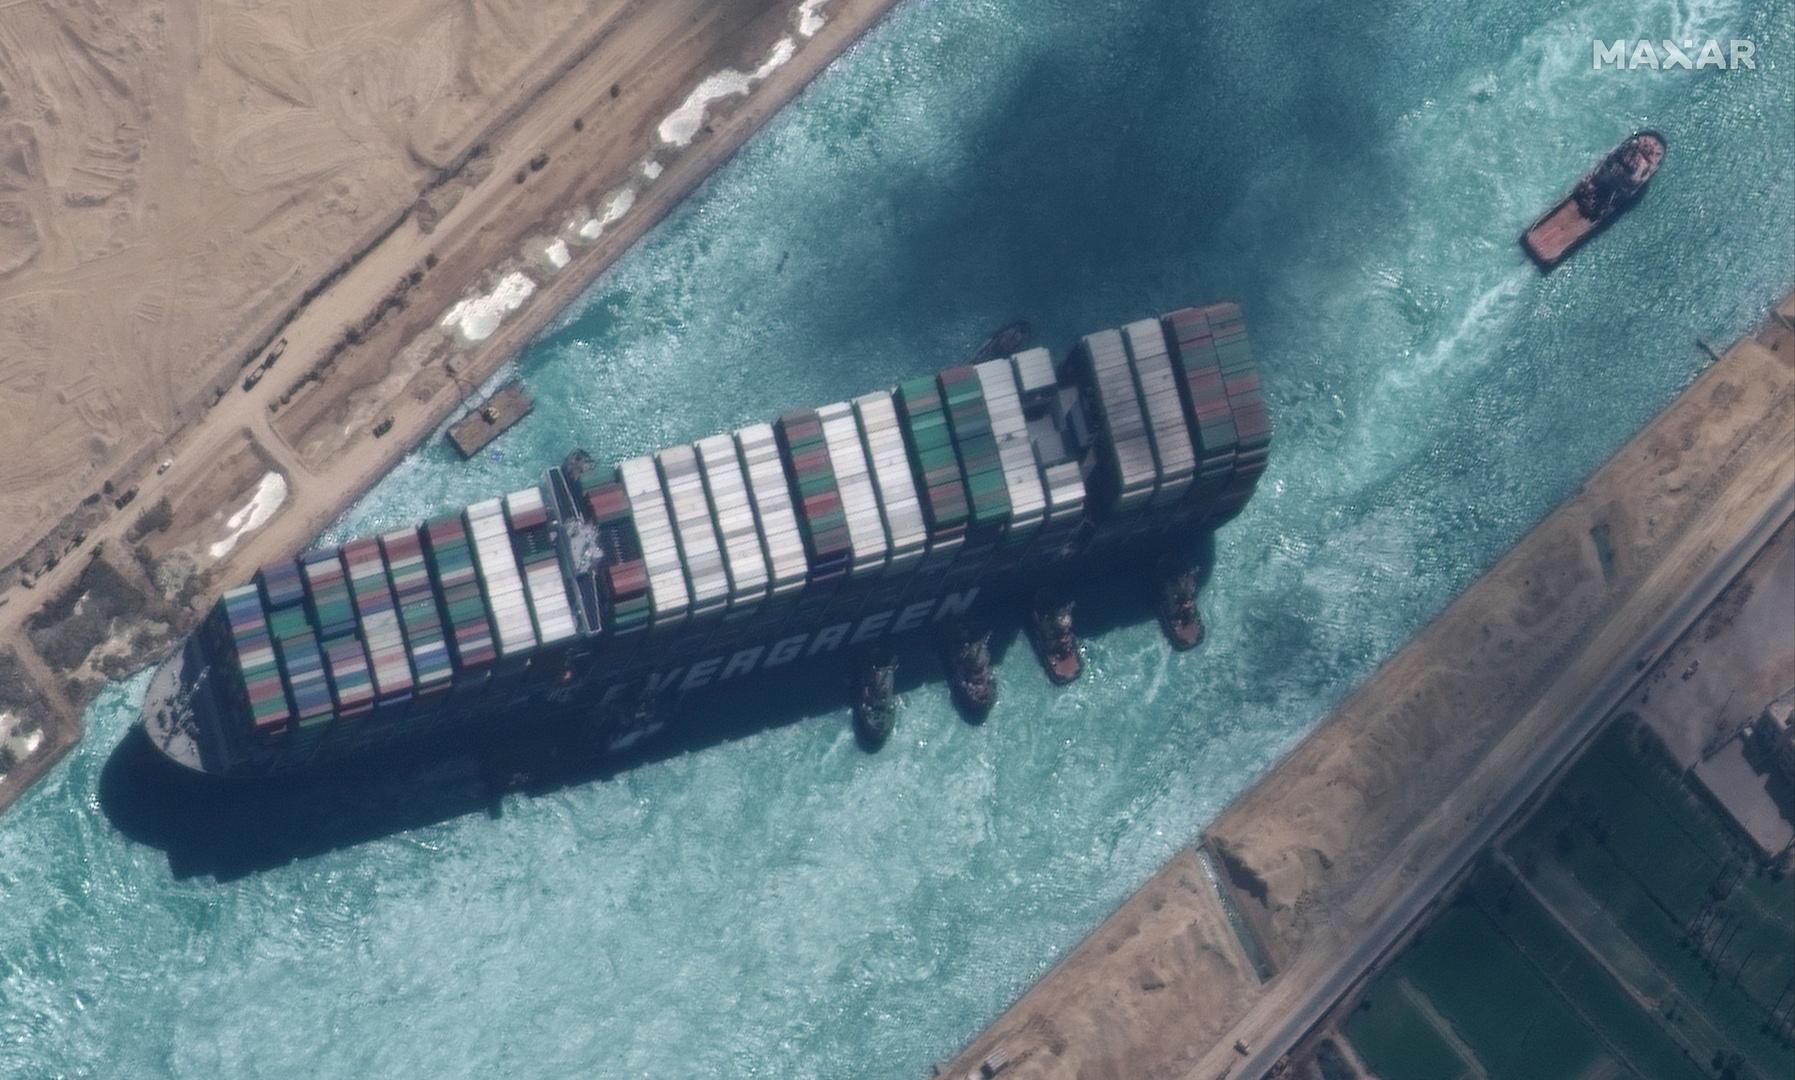 مصر.. أمر قضائي بالحجز التحفظي على السفينة الجانحة